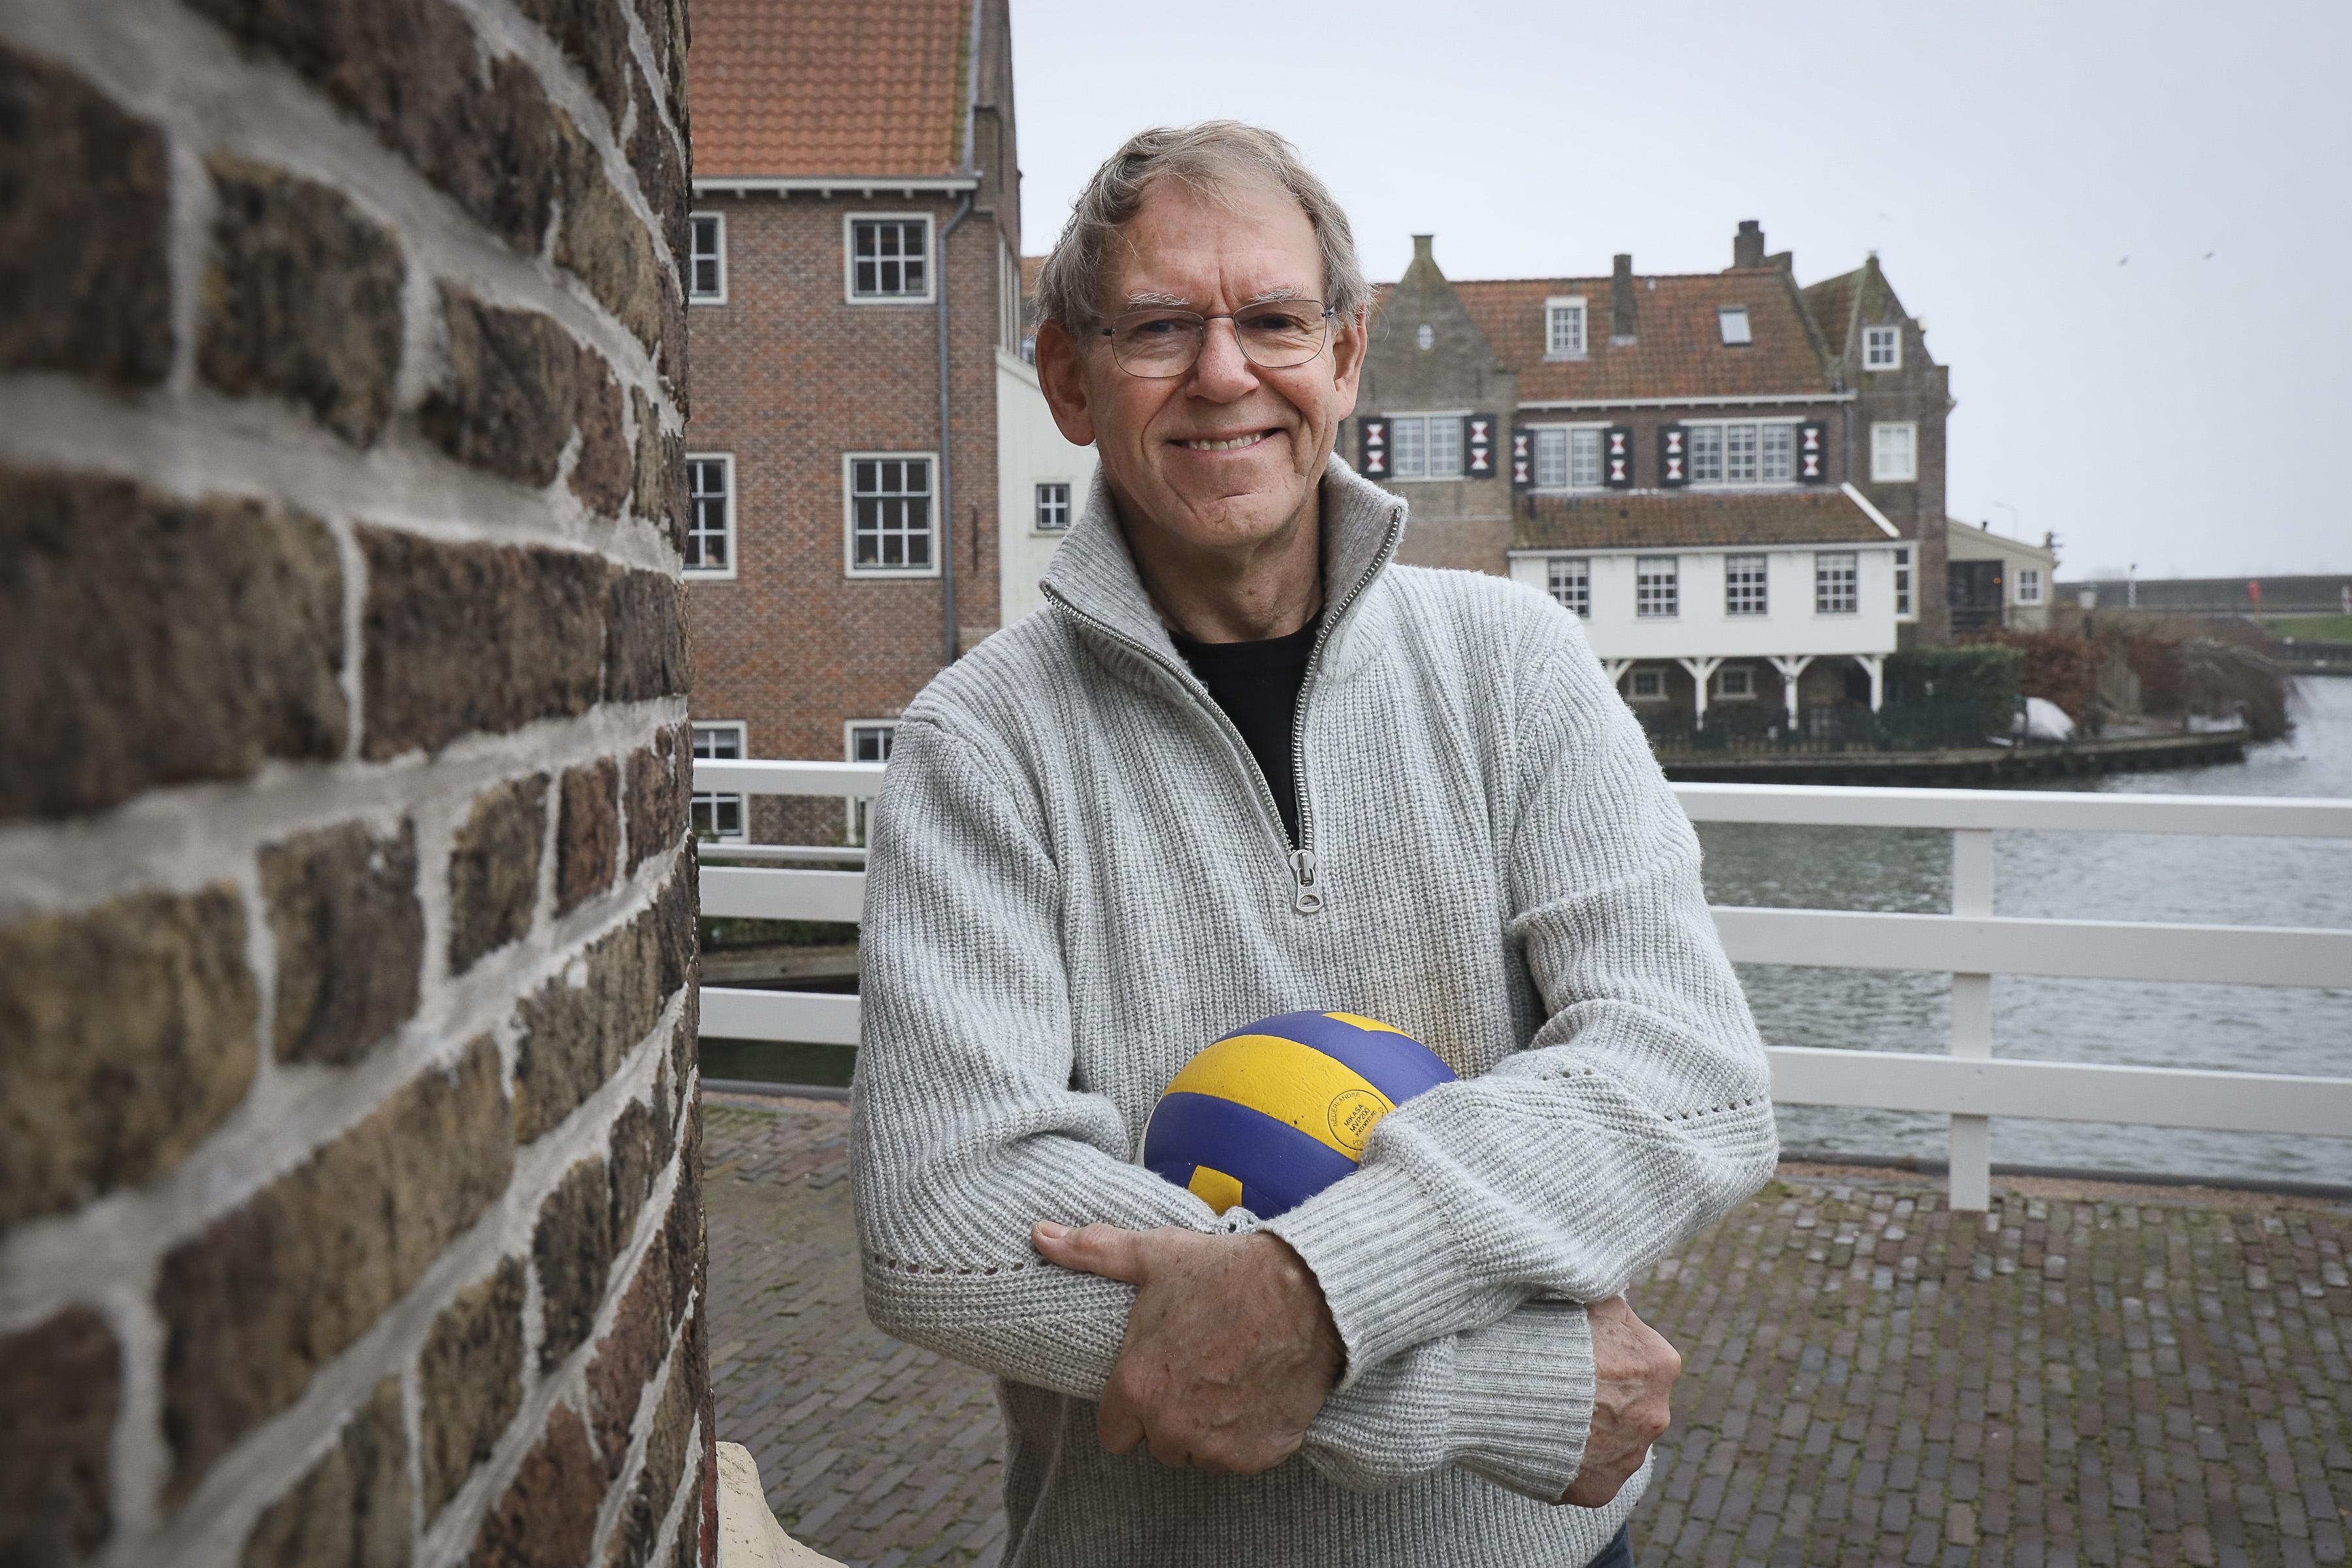 Een betonnen speelvloer, uitkijken voor het warmtekanon en douchen boven een pispot: van zijn jaren in de eredivisie is zijn tijd bij DTS ex-international Wim Knip het dierbaarst